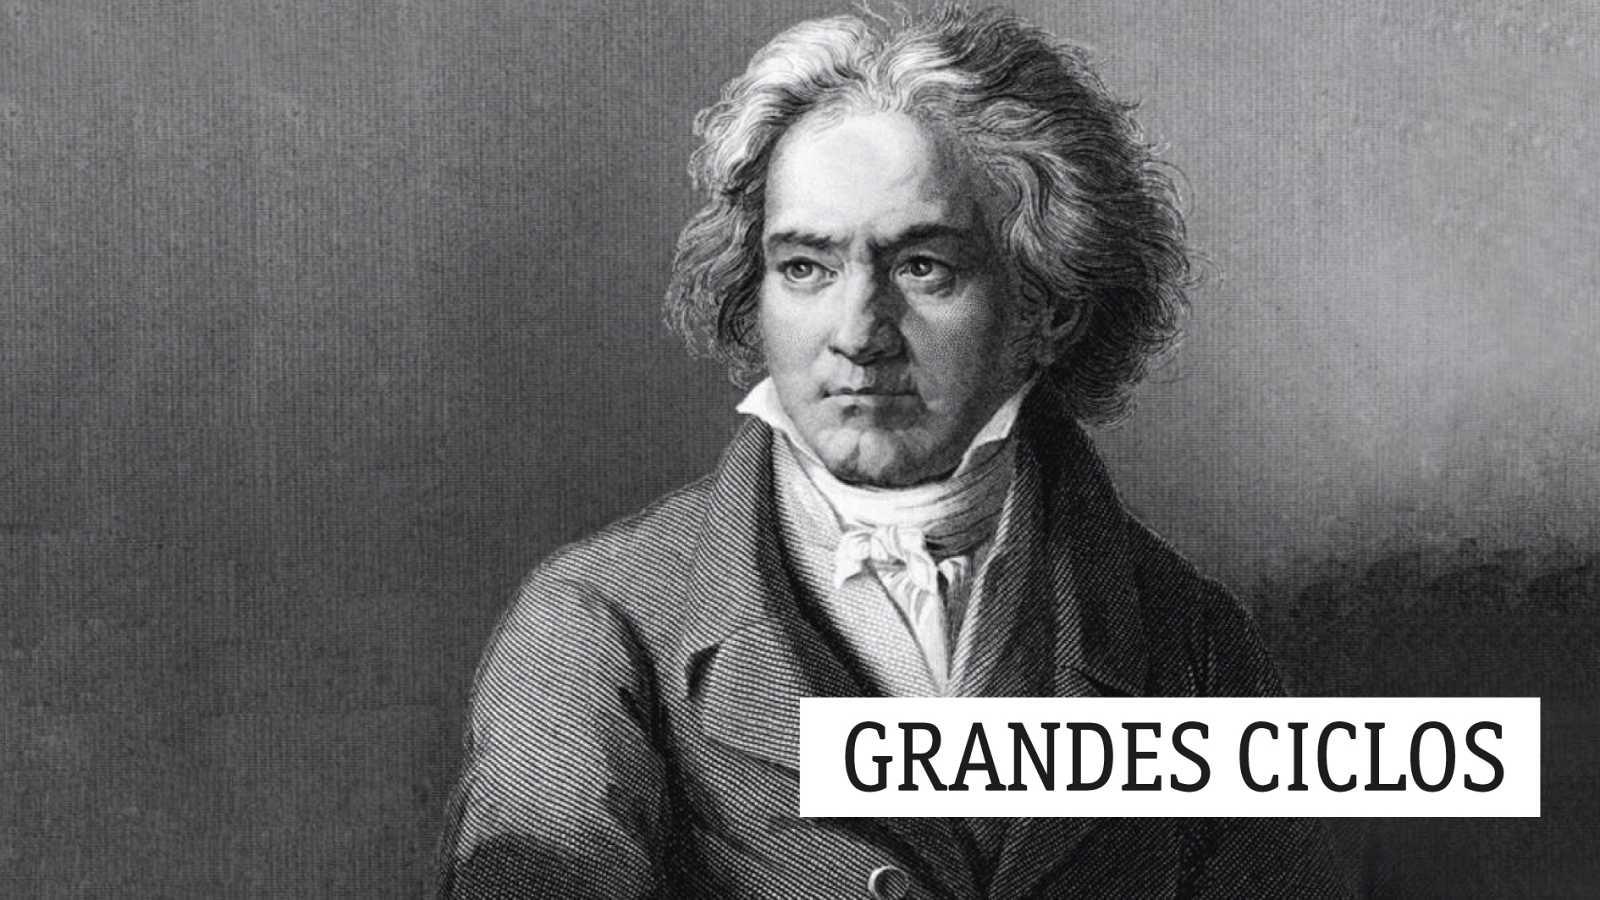 Grandes ciclos - L. van Beethoven (CXIII): Cristo en el monte de los olivos (I): Expresión humana - 29/10/20 - escuchar ahora